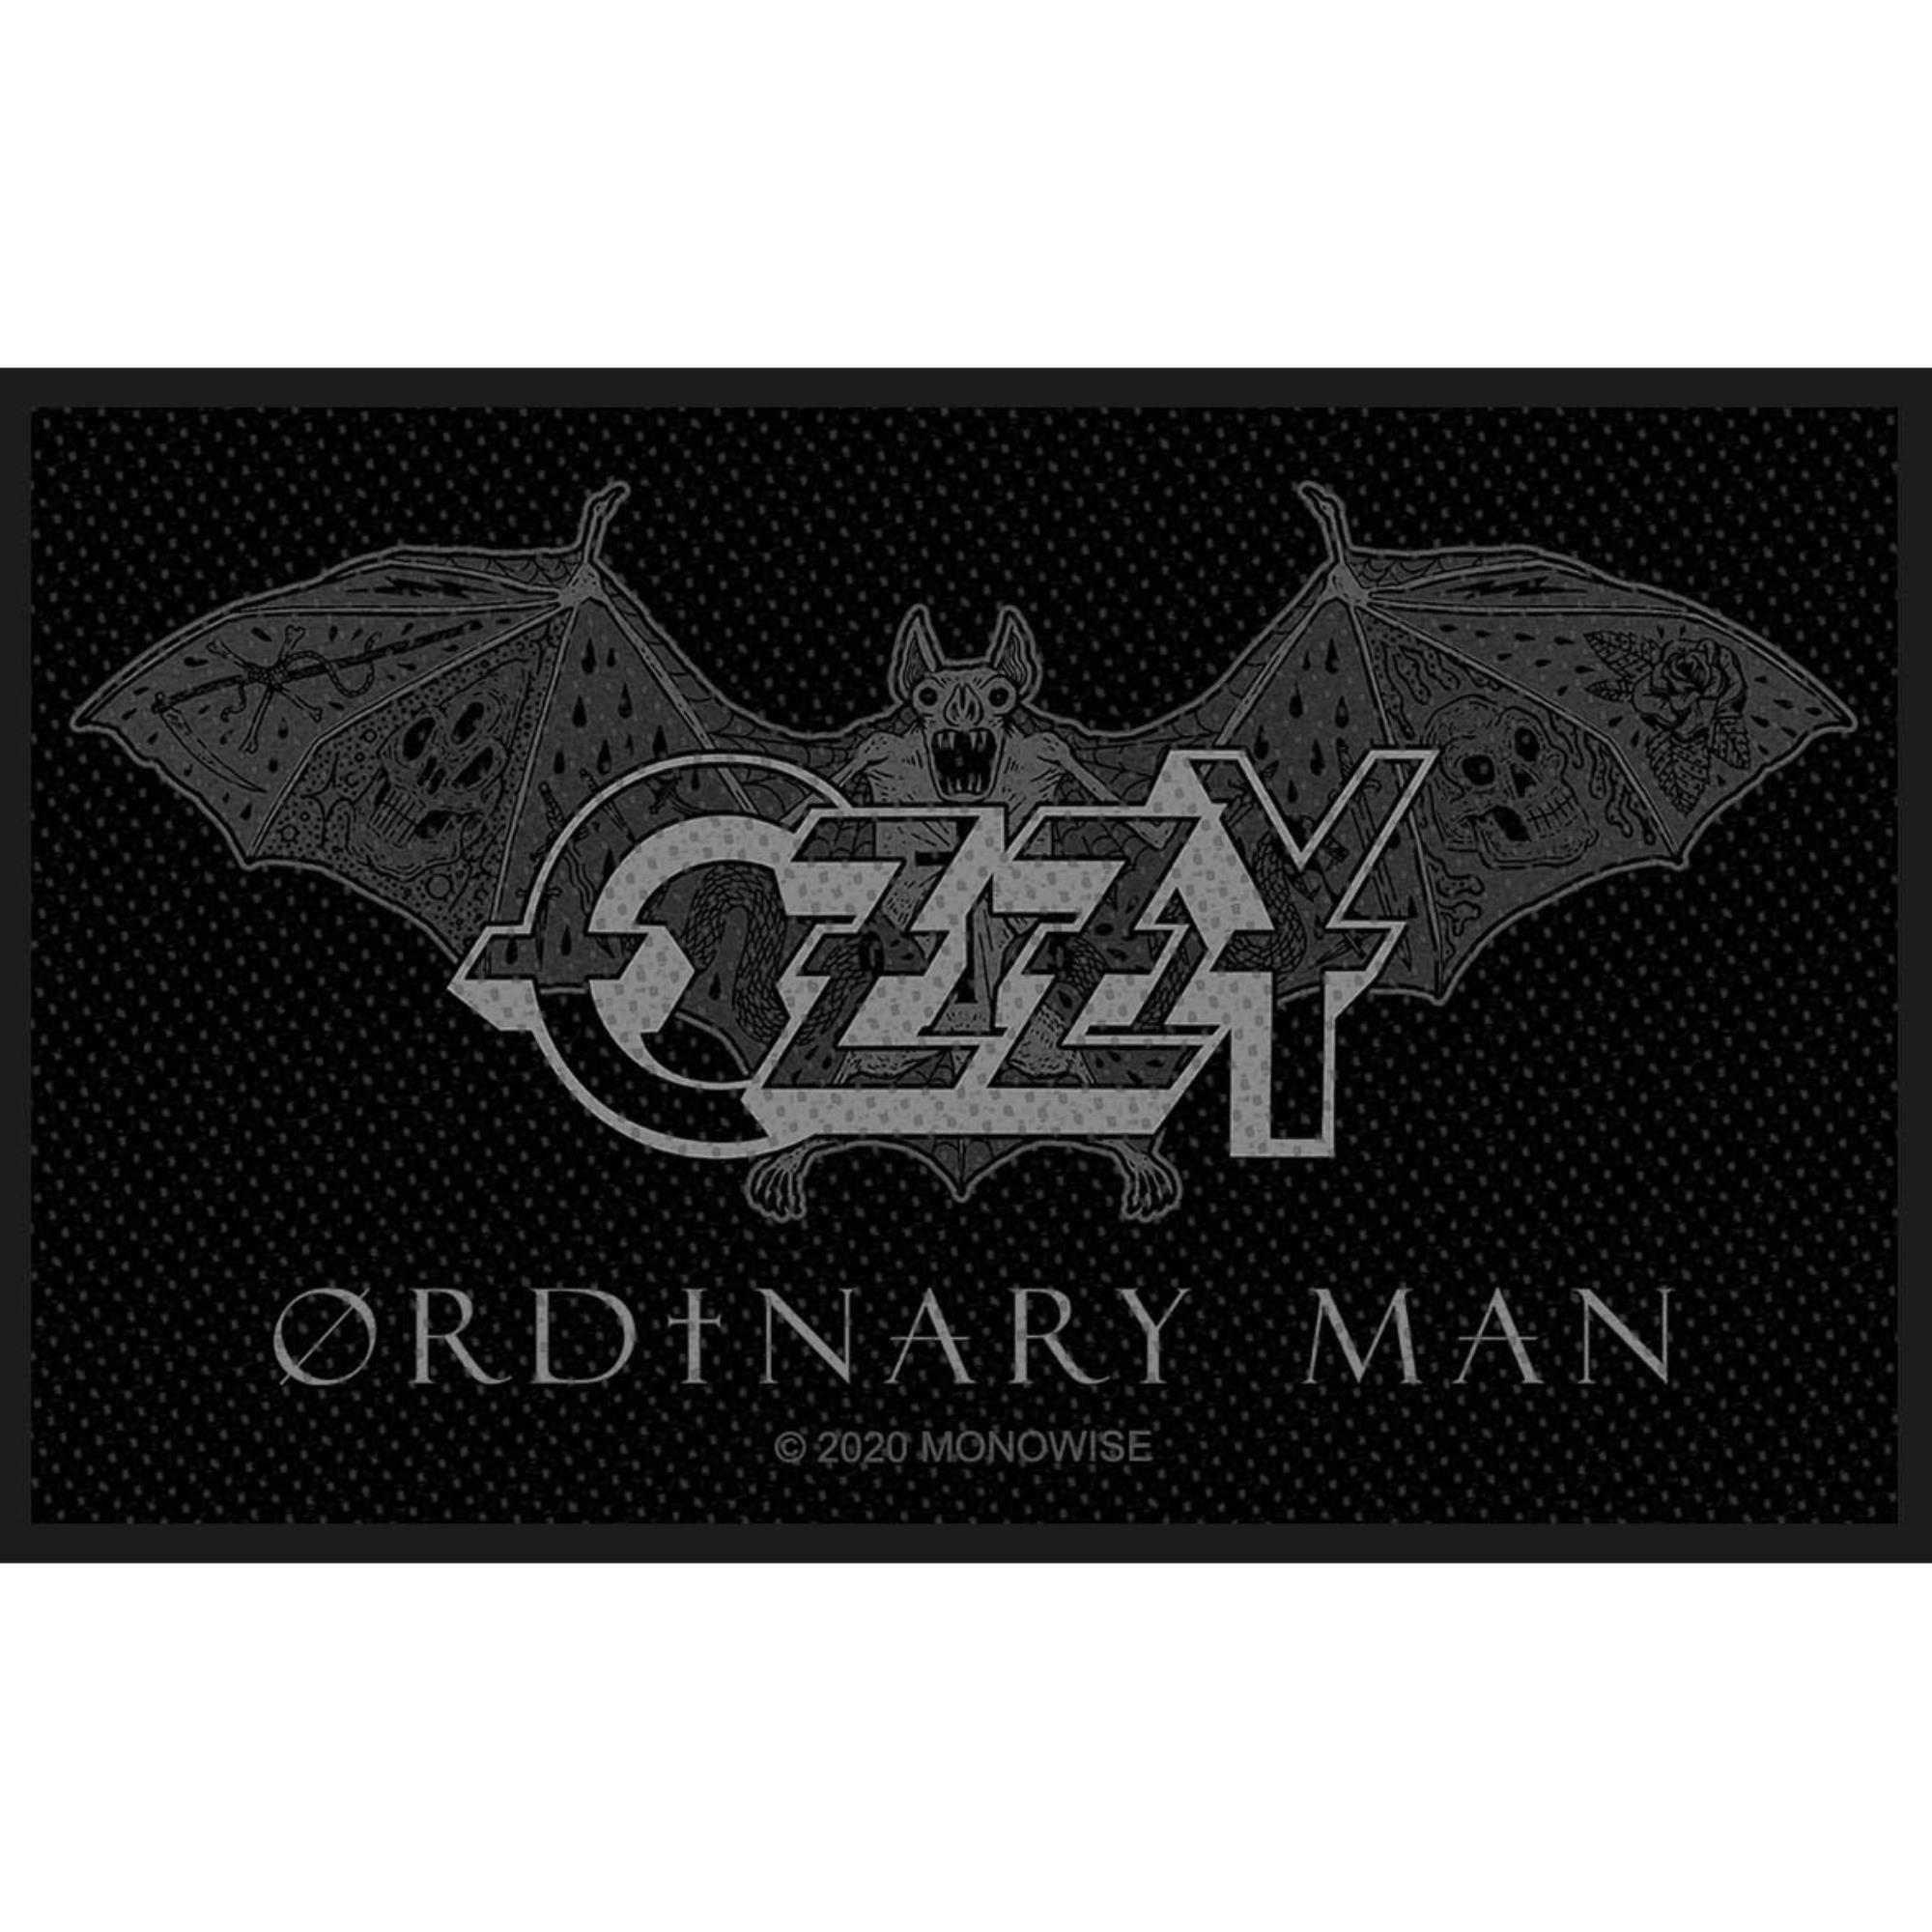 Ordinary Man Patch